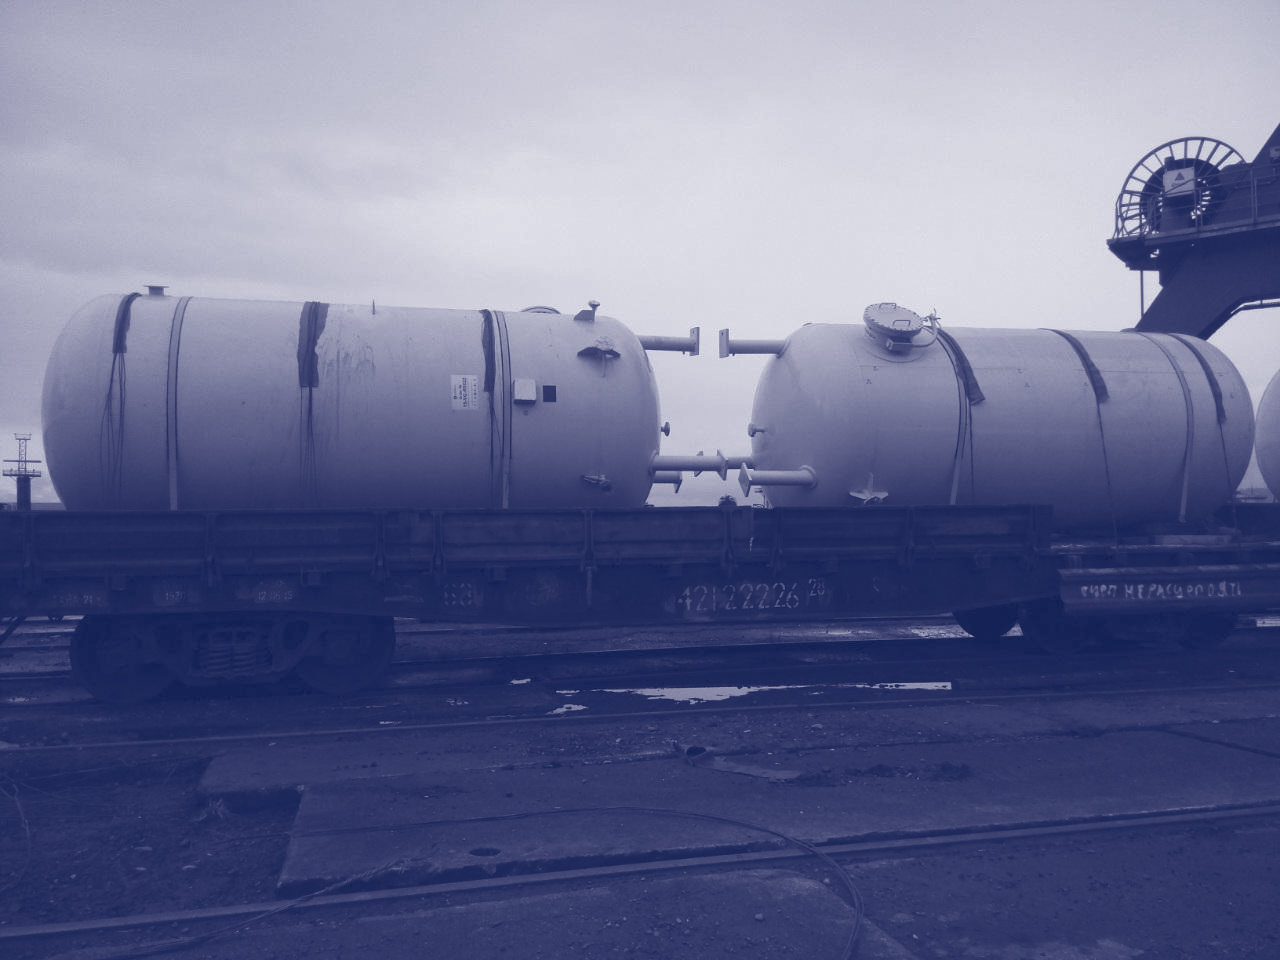 Перевозка нефтегазового оборудования, газовых компрессорных агрегатов и резервуаров для хранения сжиженного газа.